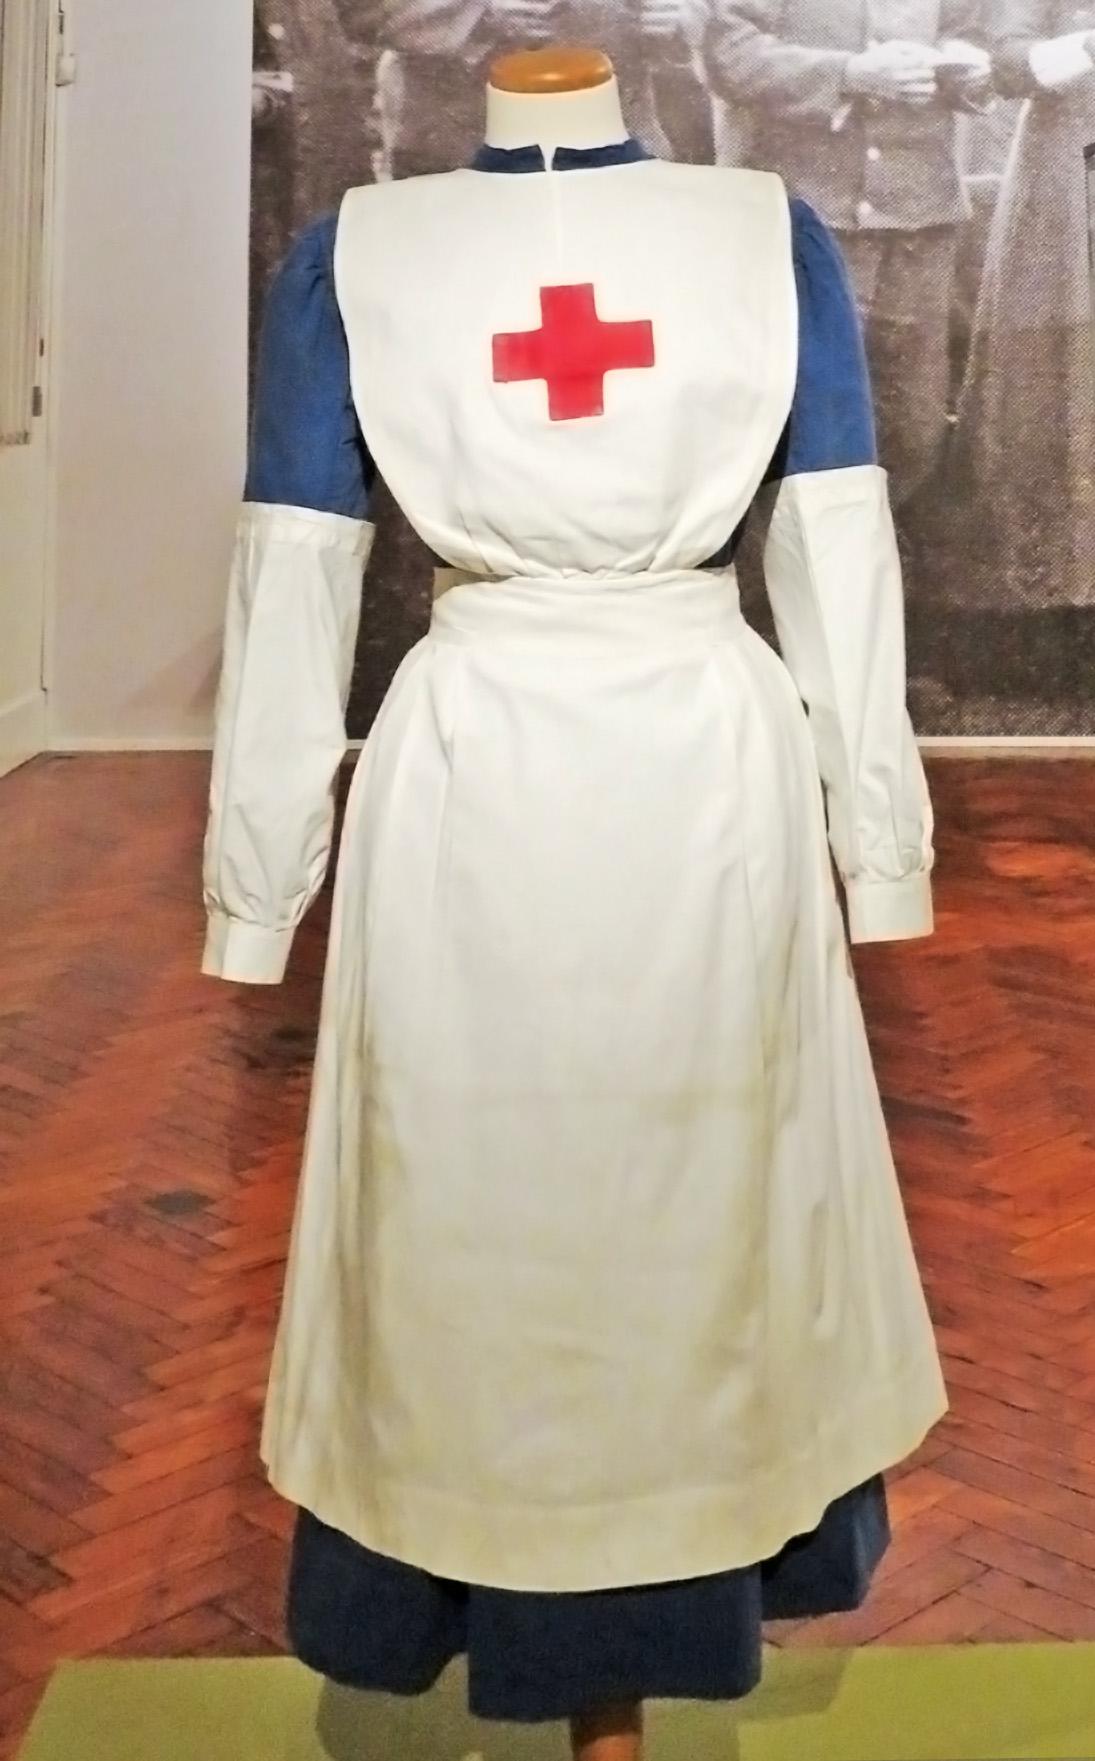 Red Cross VAD uniform